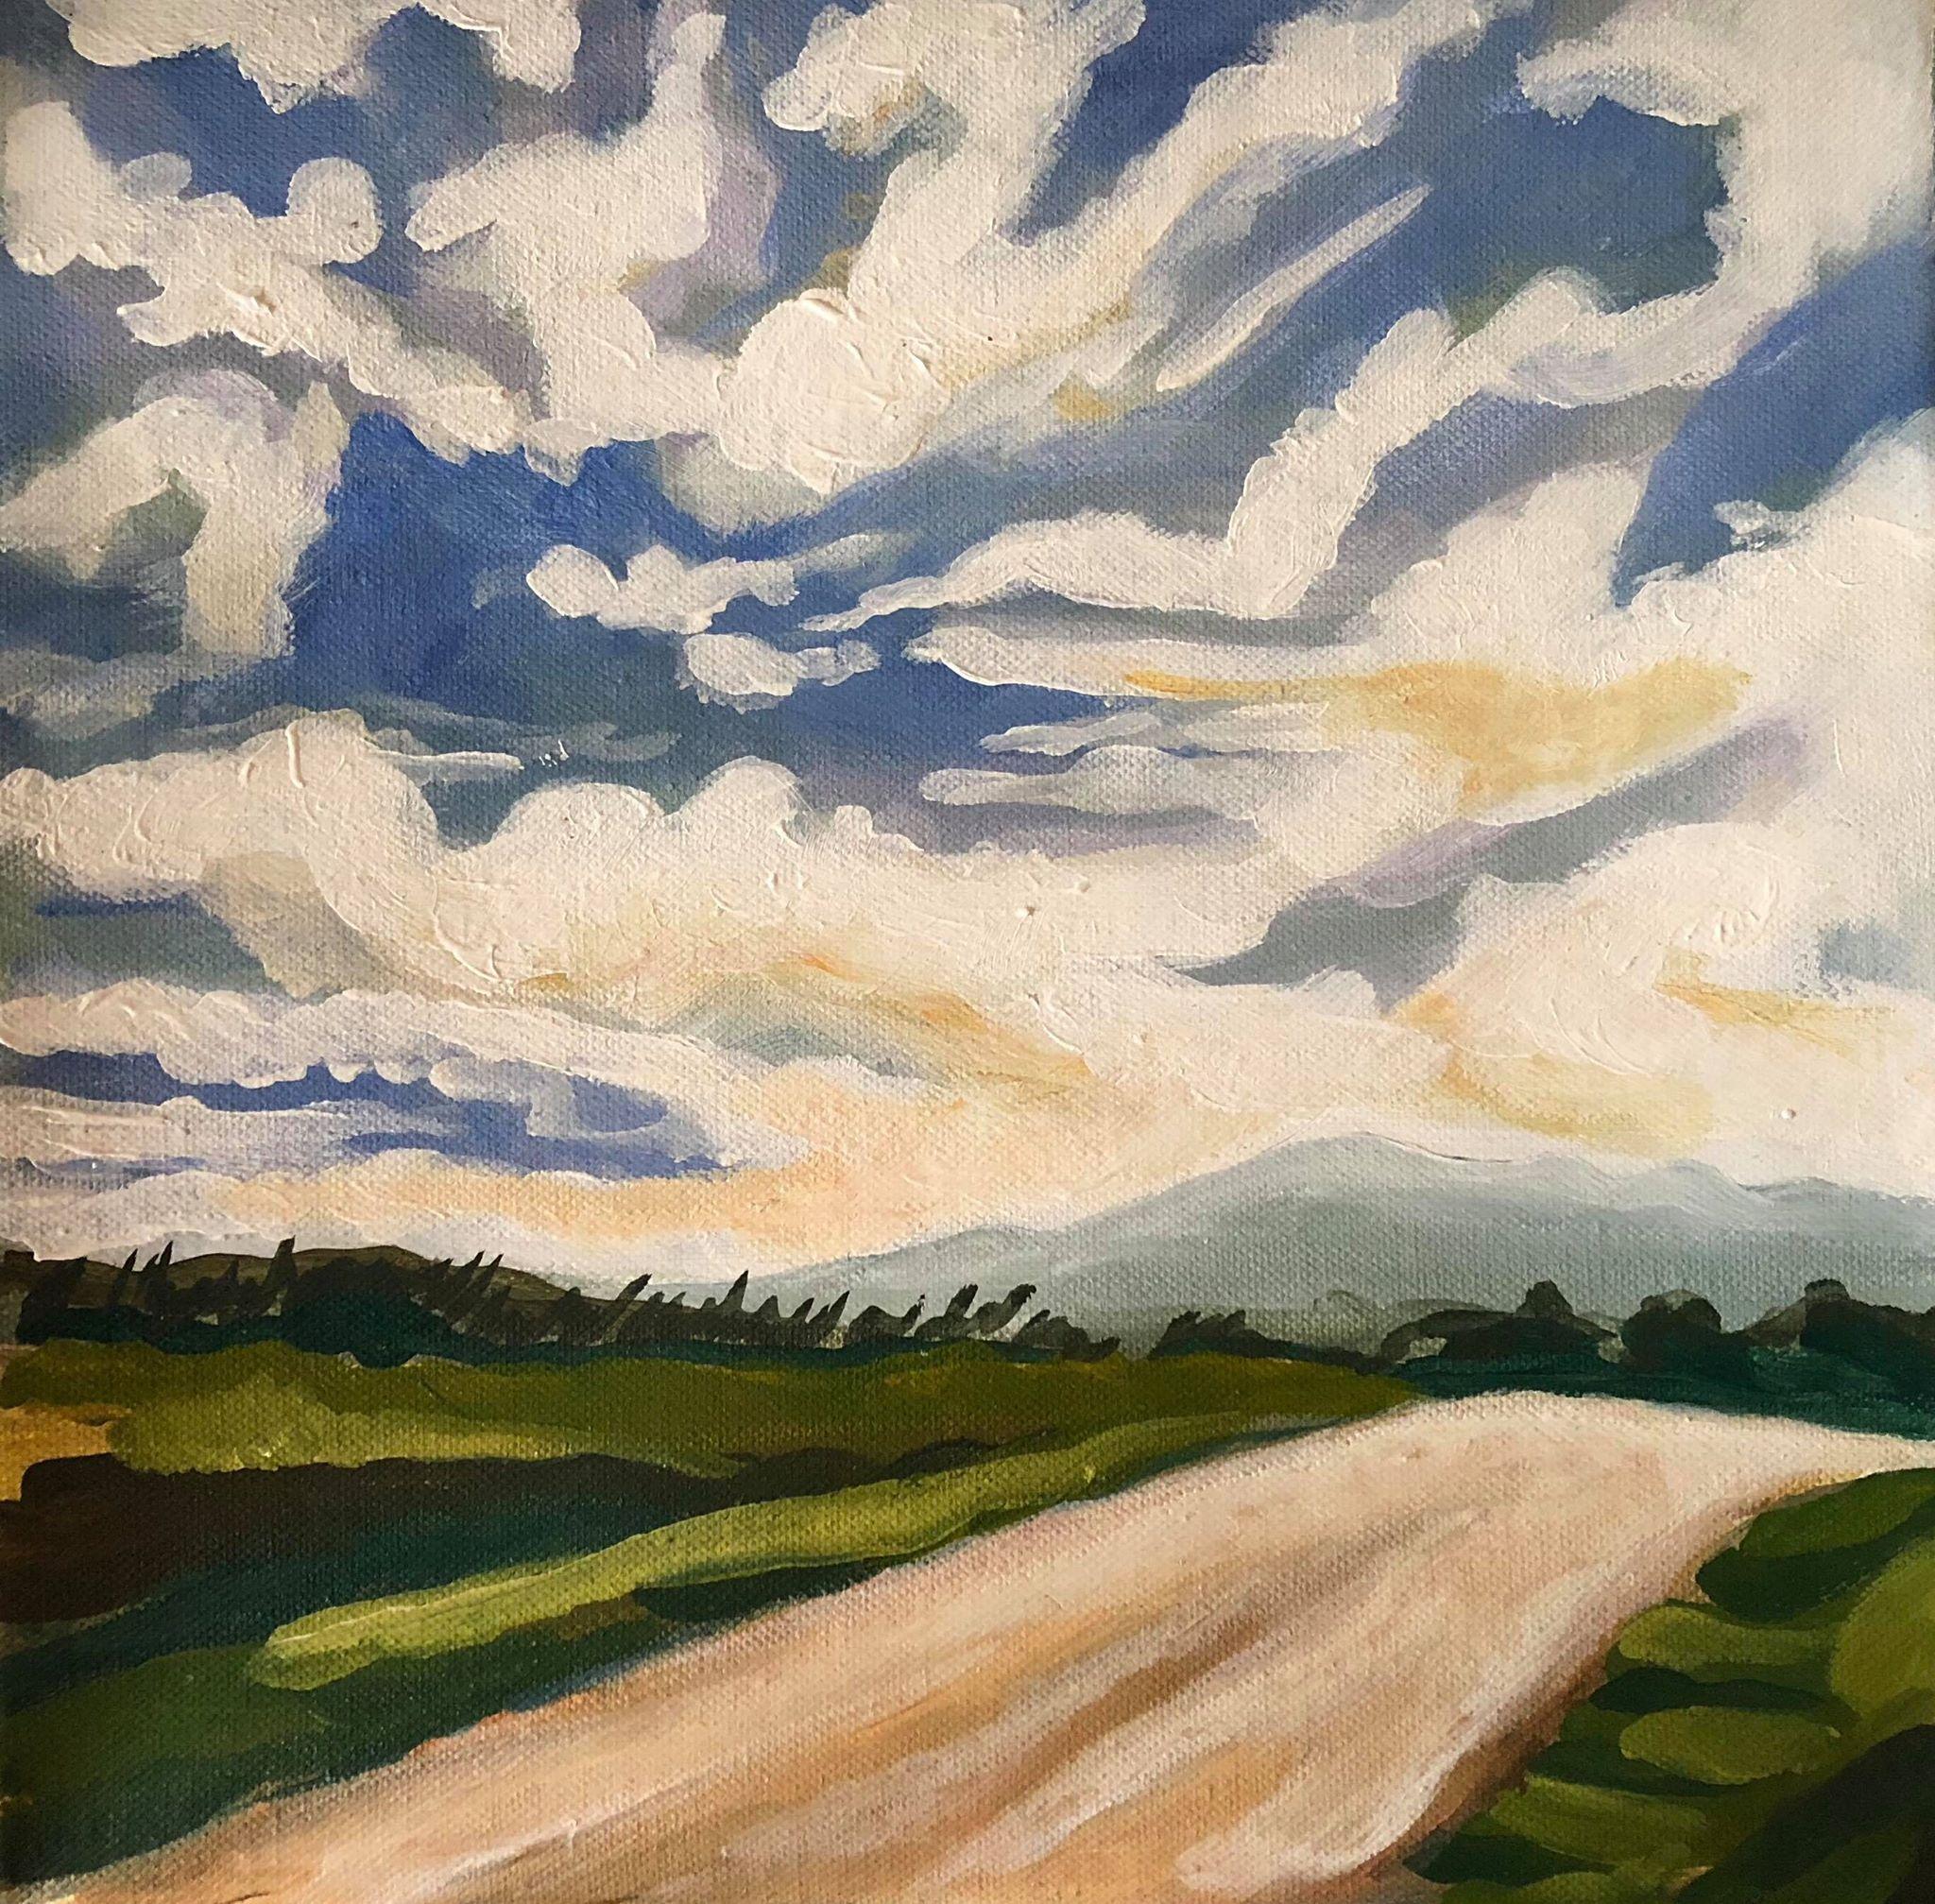 Chiusi Acrylic painting